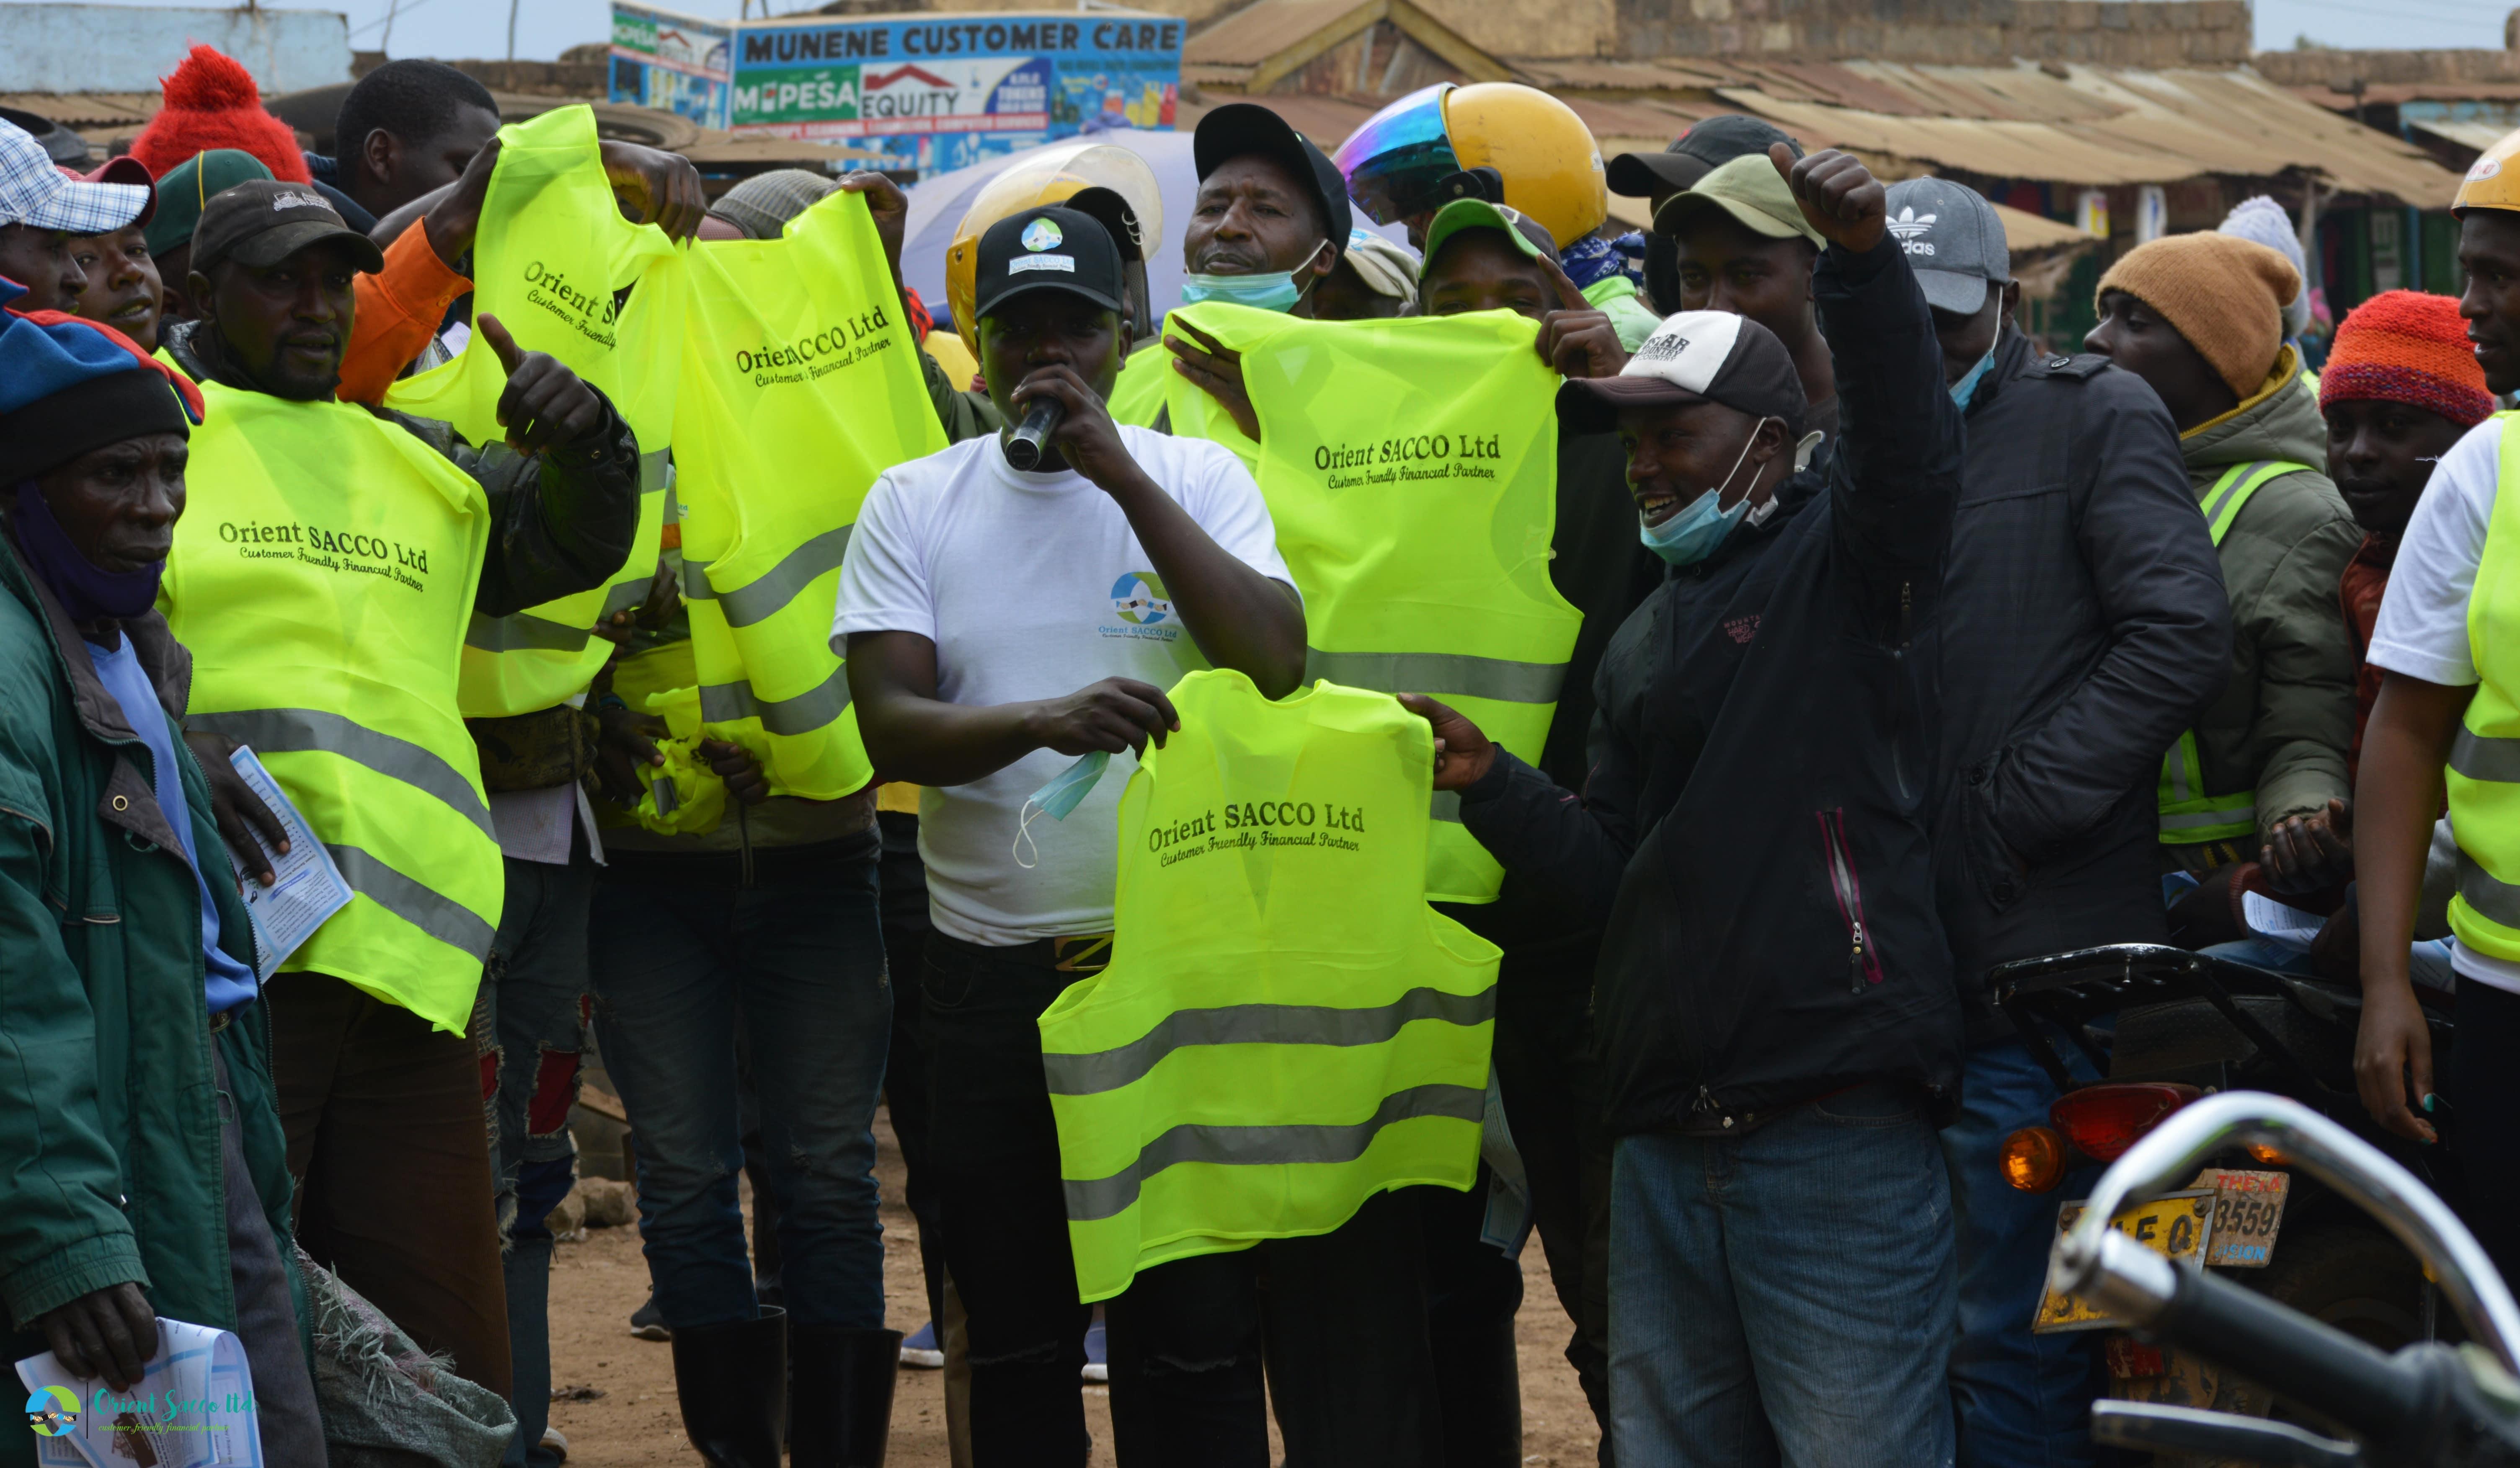 Ndarasha Office Launch-Giving Reflector Jackets to Boda Boda Operators